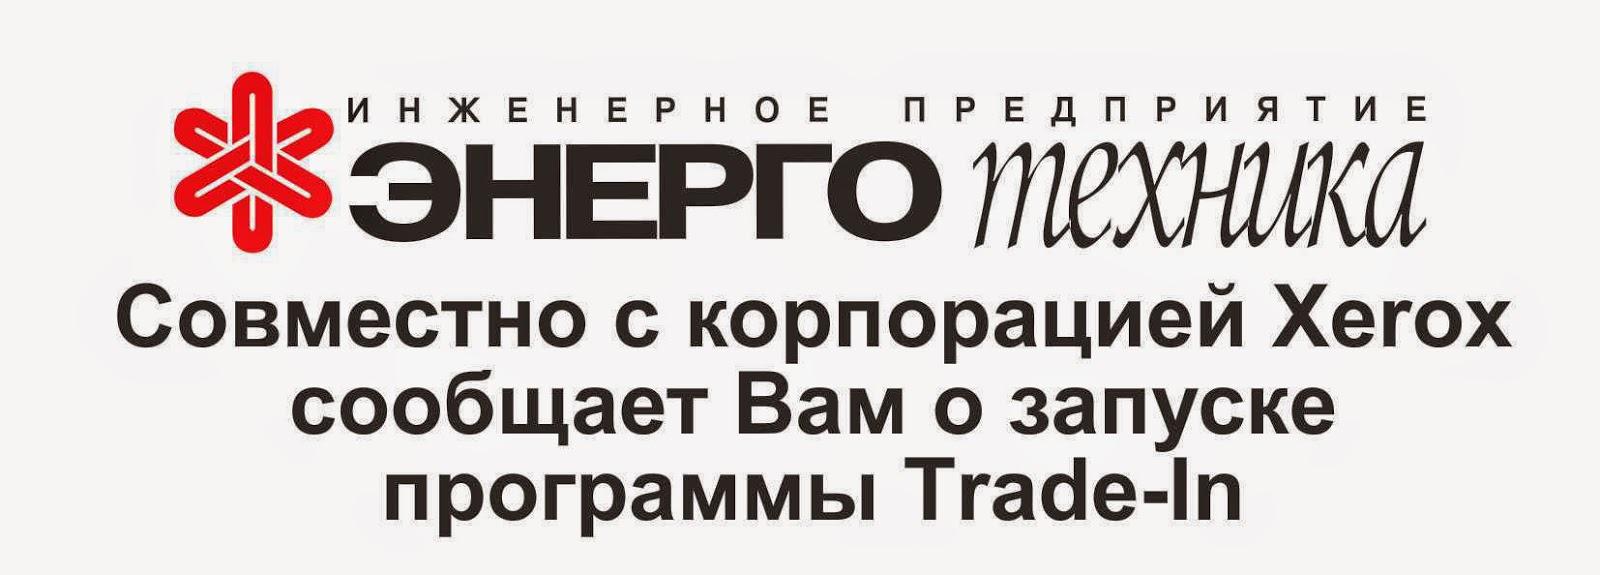 Инженерное предприятие «Энерготехника» г. Челябинск